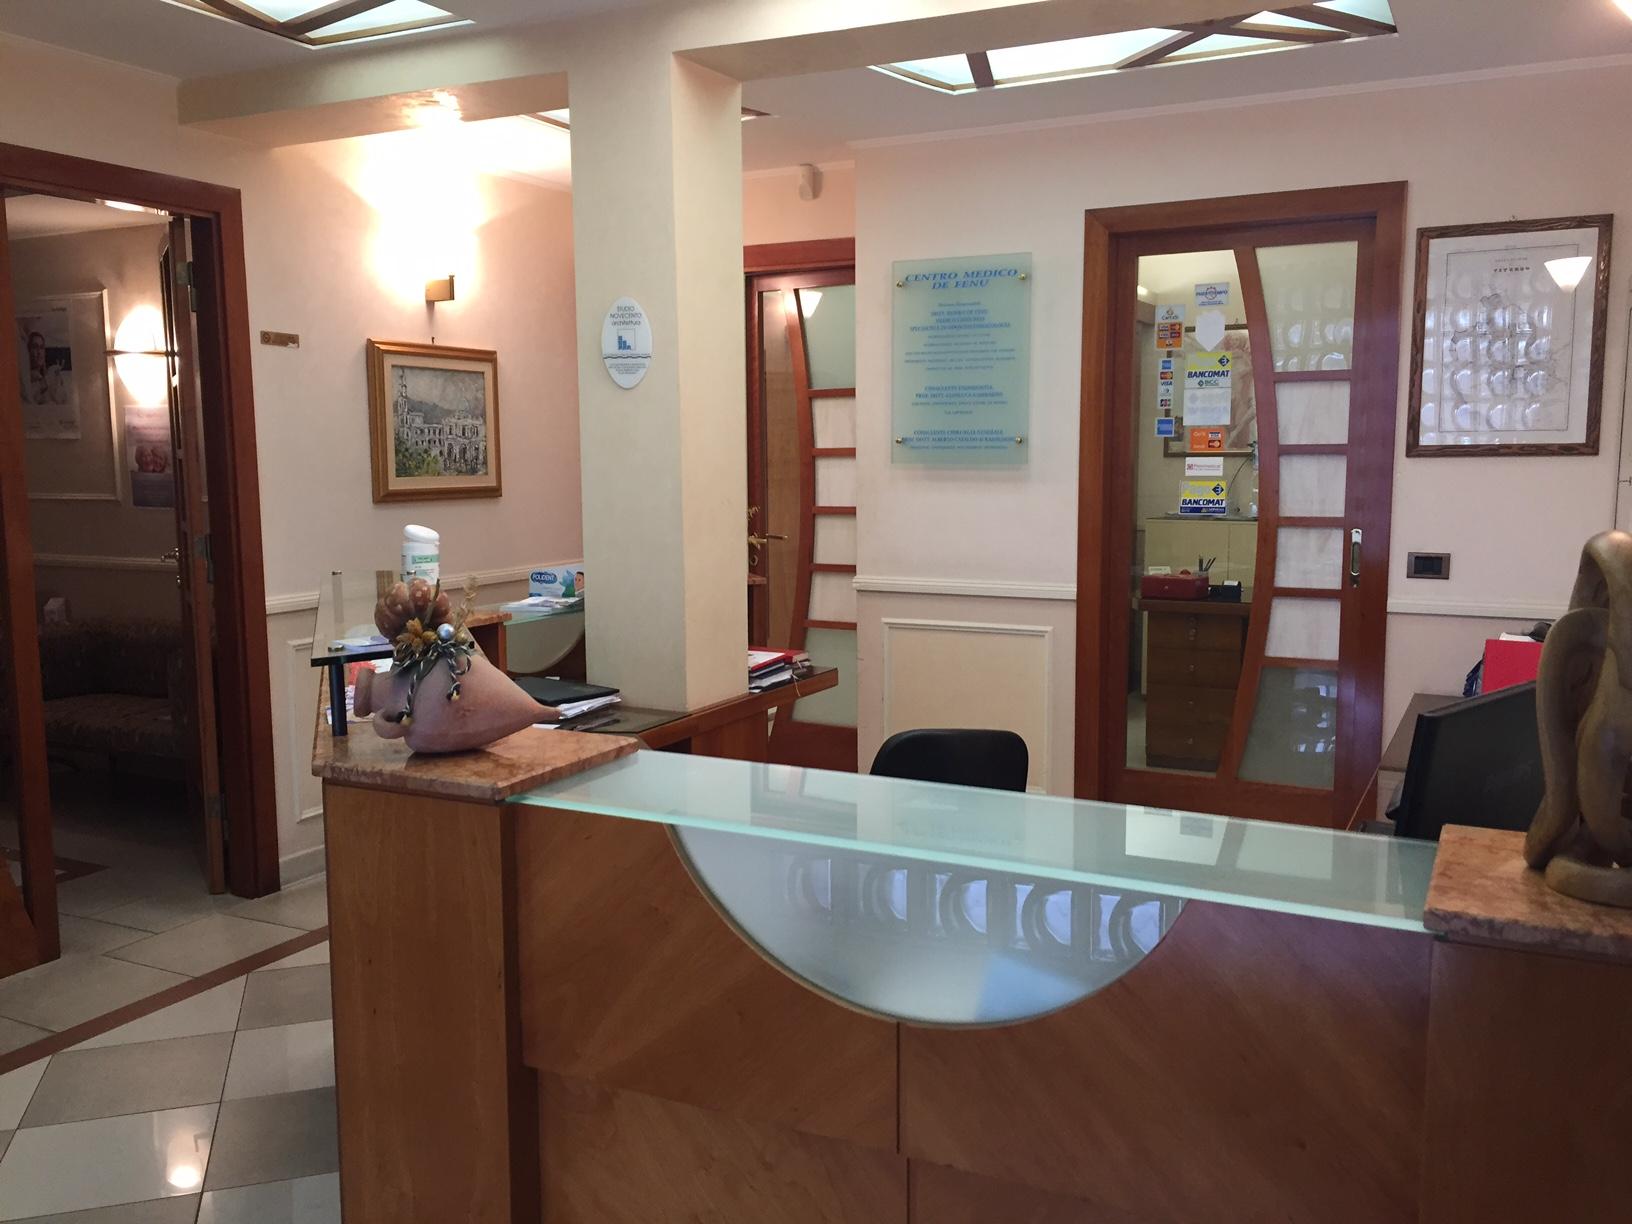 Ufficio / Studio in vendita a Viterbo, 9999 locali, zona Zona: Semicentro, prezzo € 360.000 | Cambio Casa.it